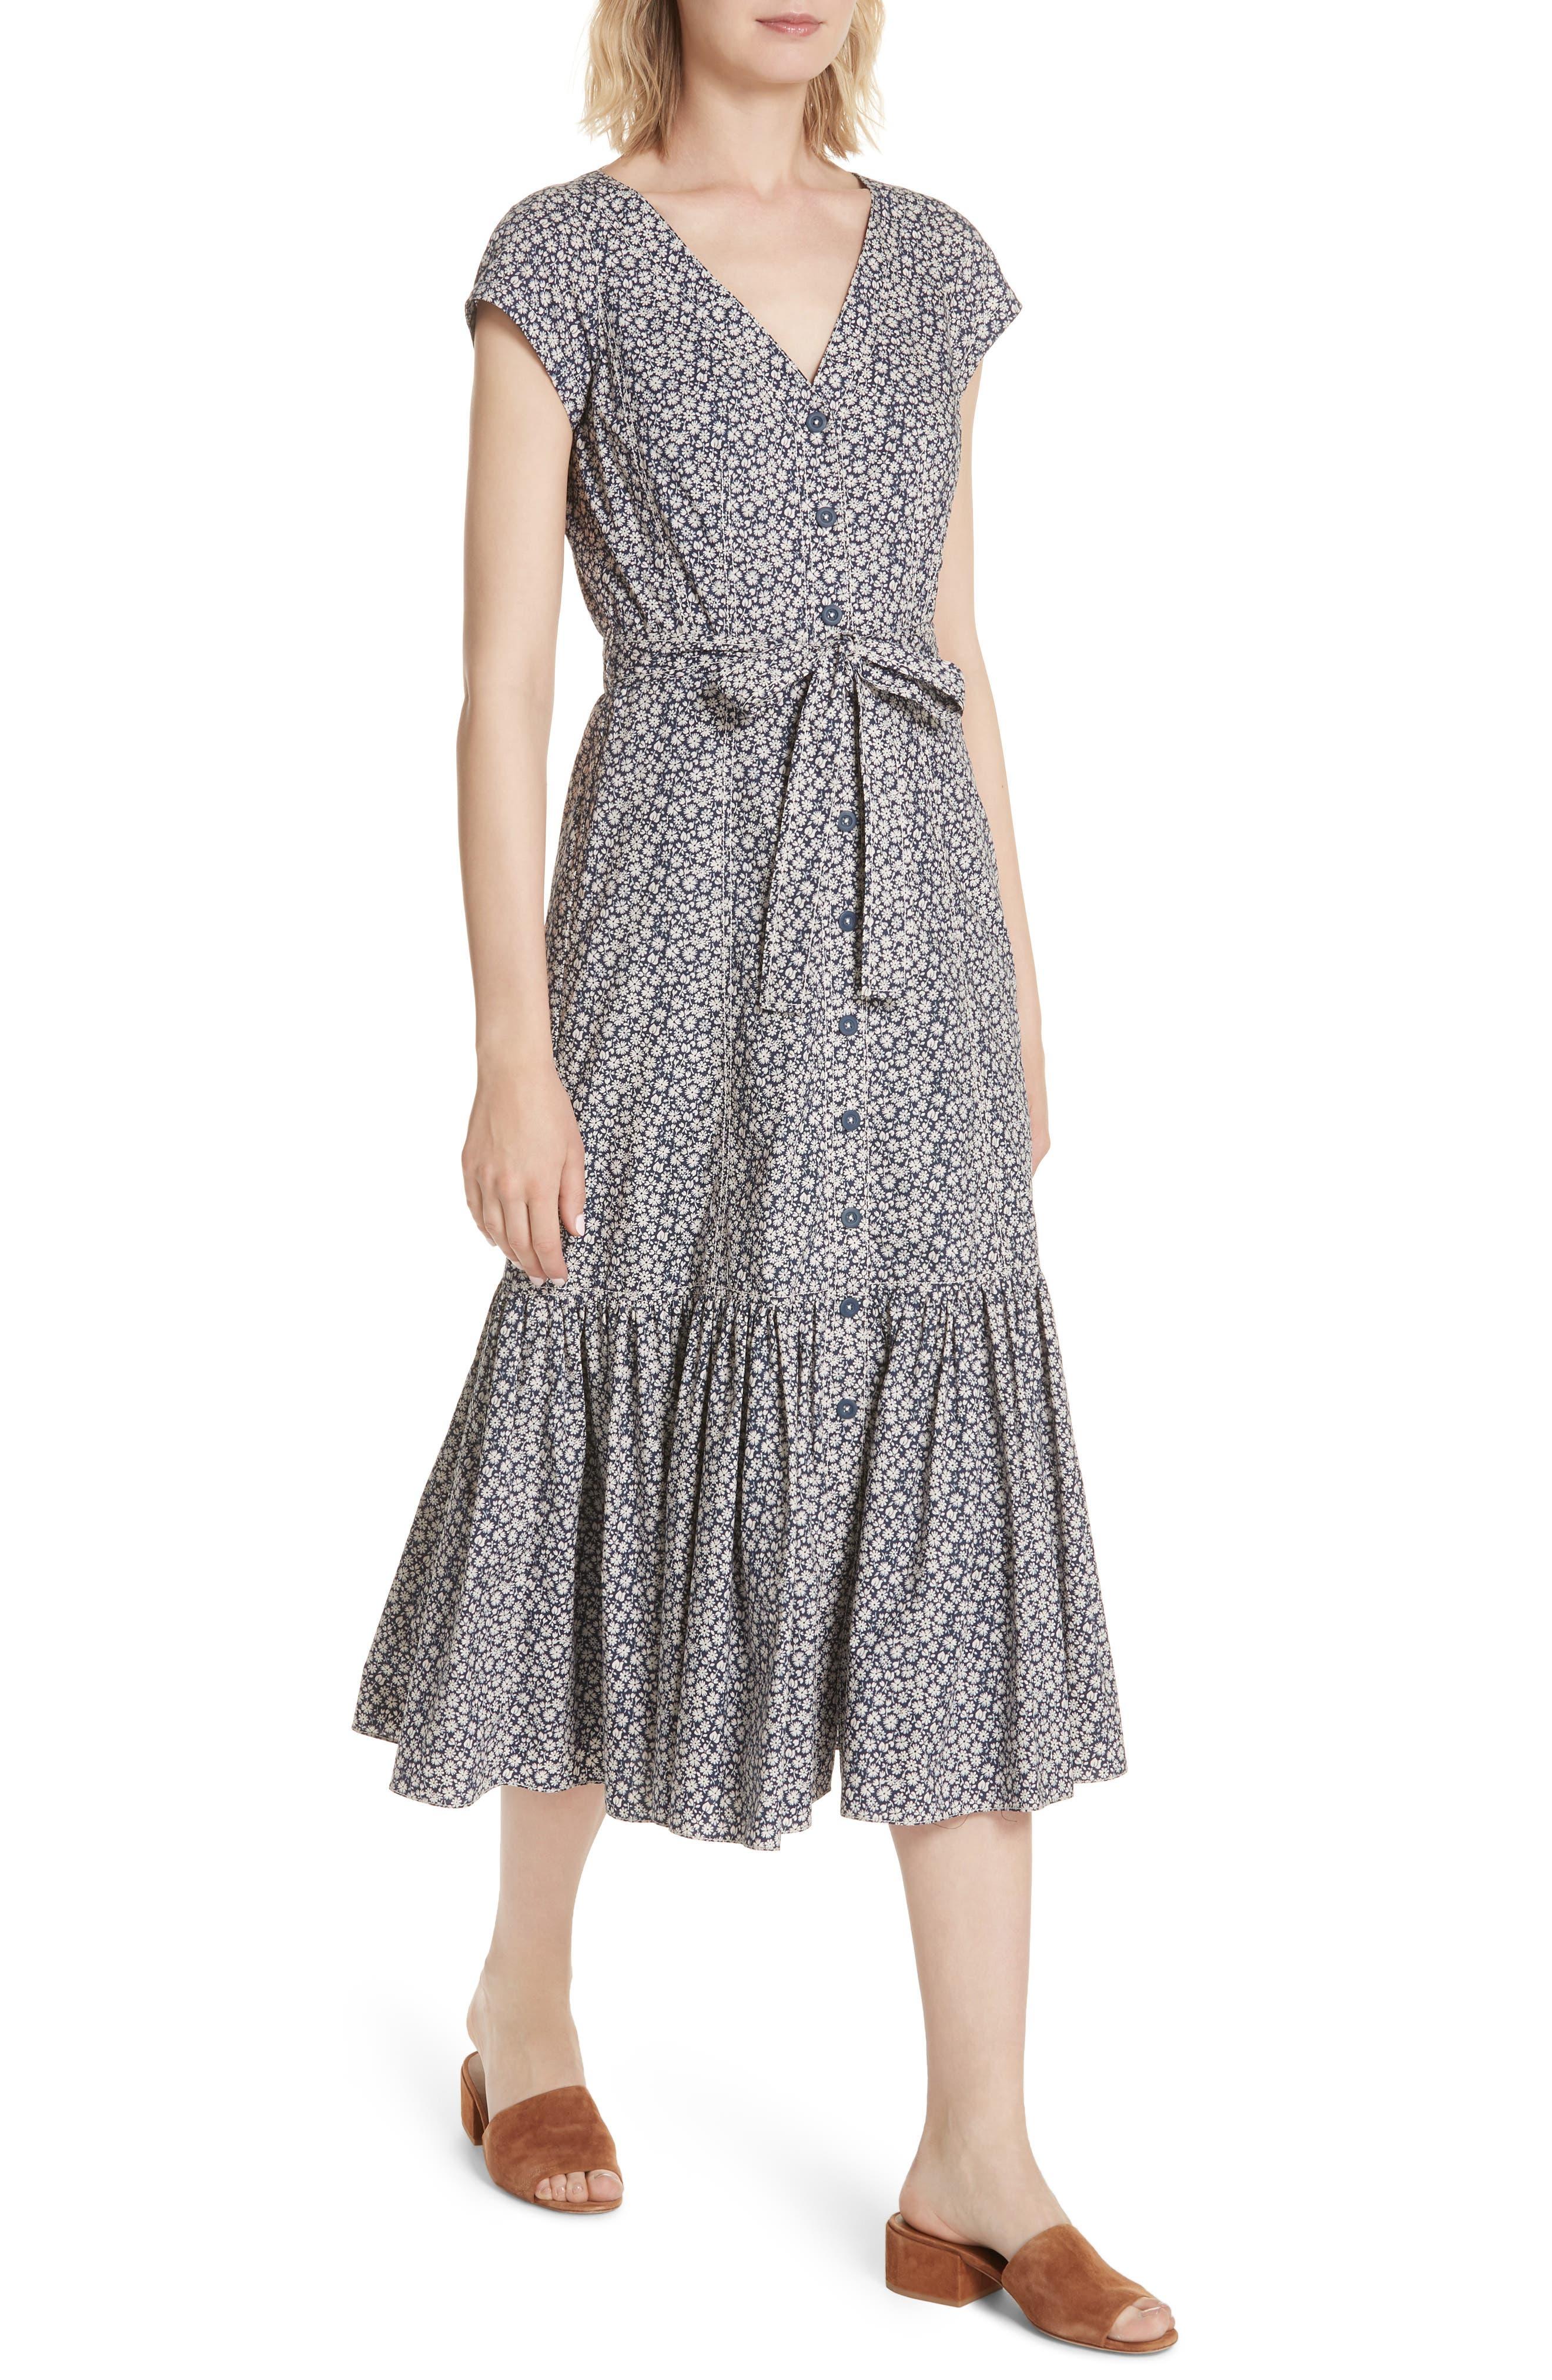 Lauren Tie Front Floral Cotton Dress,                             Alternate thumbnail 4, color,                             450